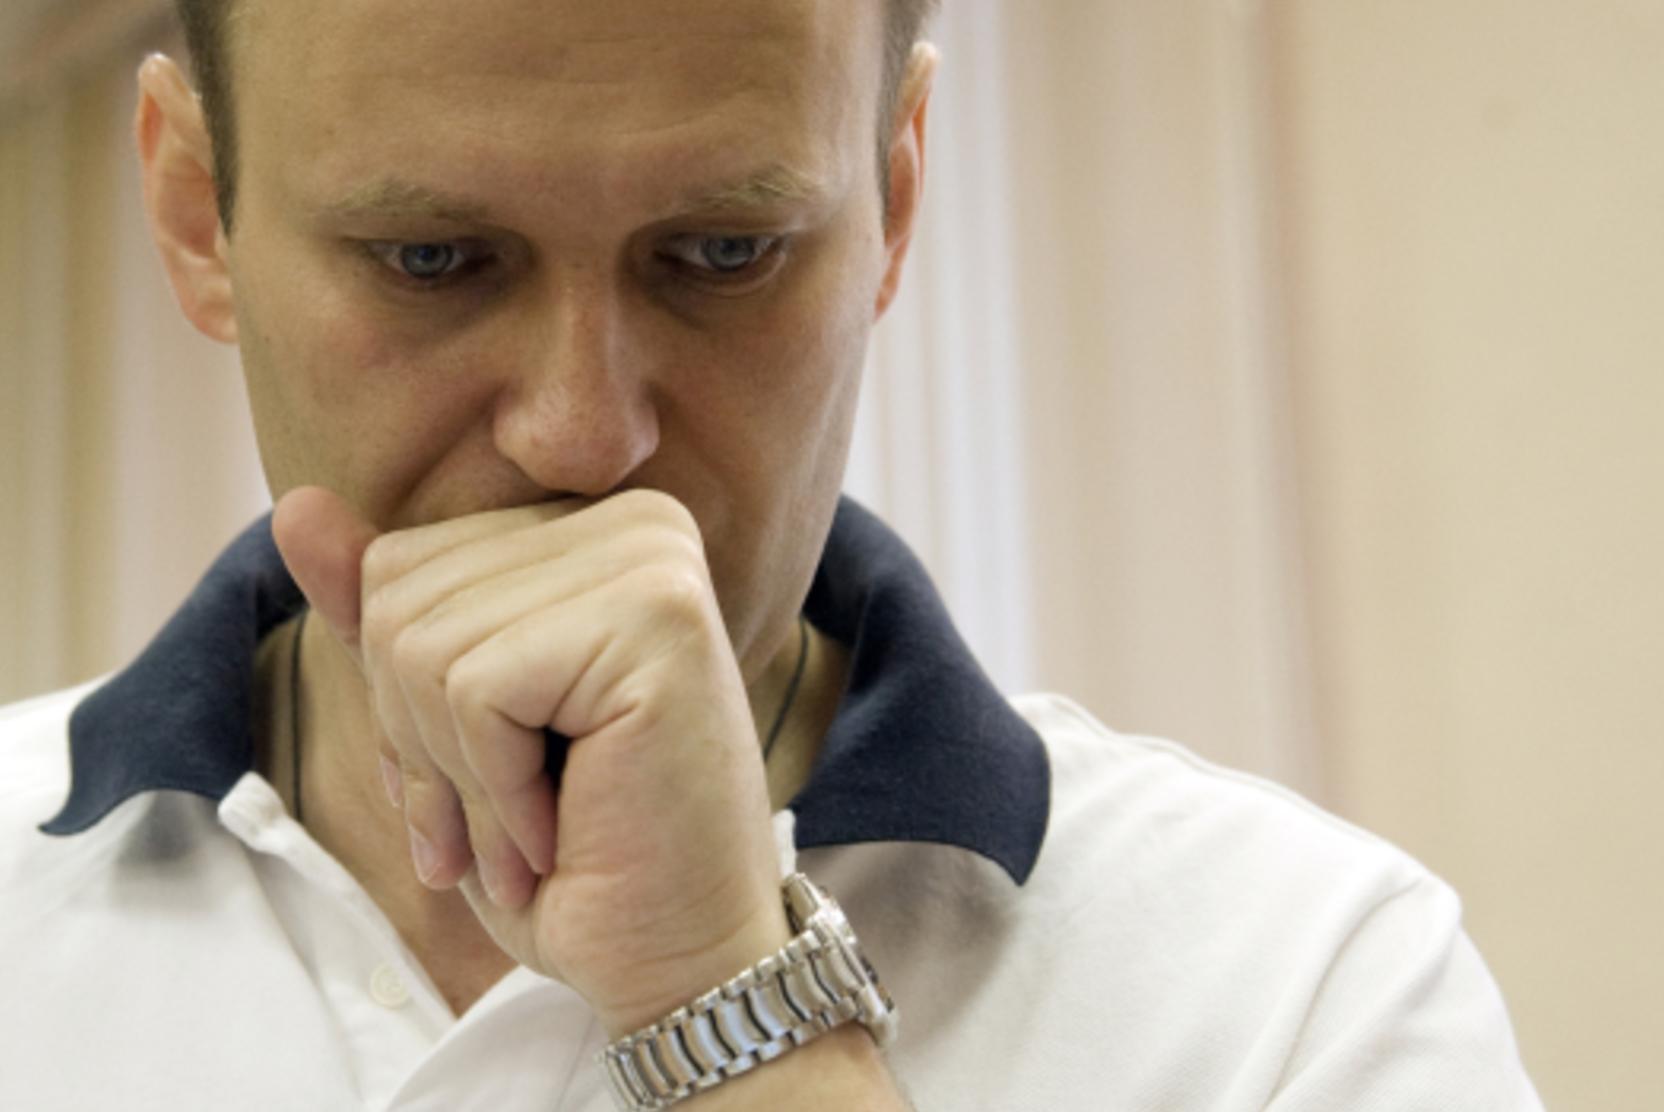 Адвокат: У Навального выявили проблемы с позвоночником